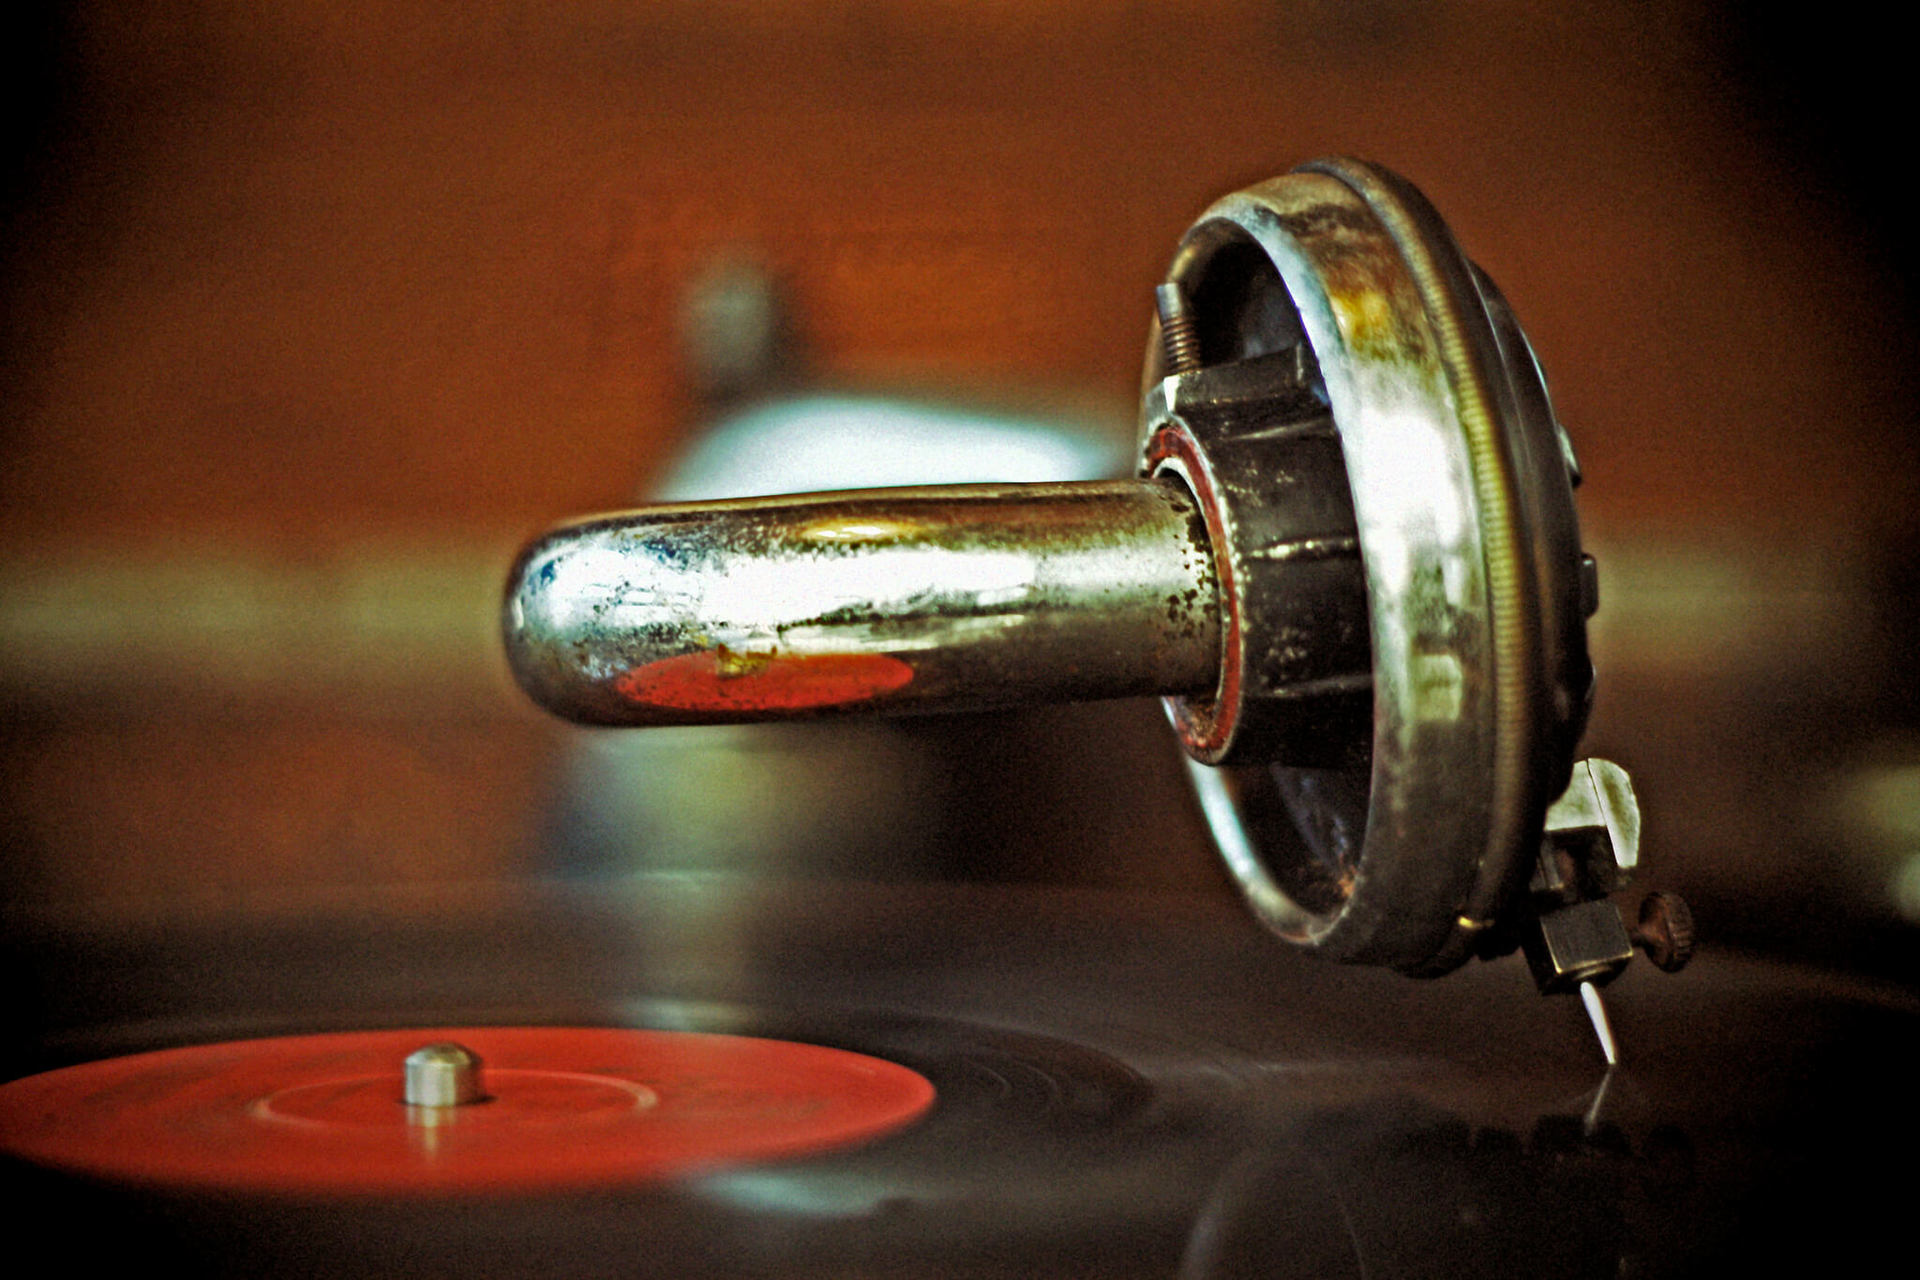 Аудиодайджест 10: Интервью, винил и тематические руководства - 1